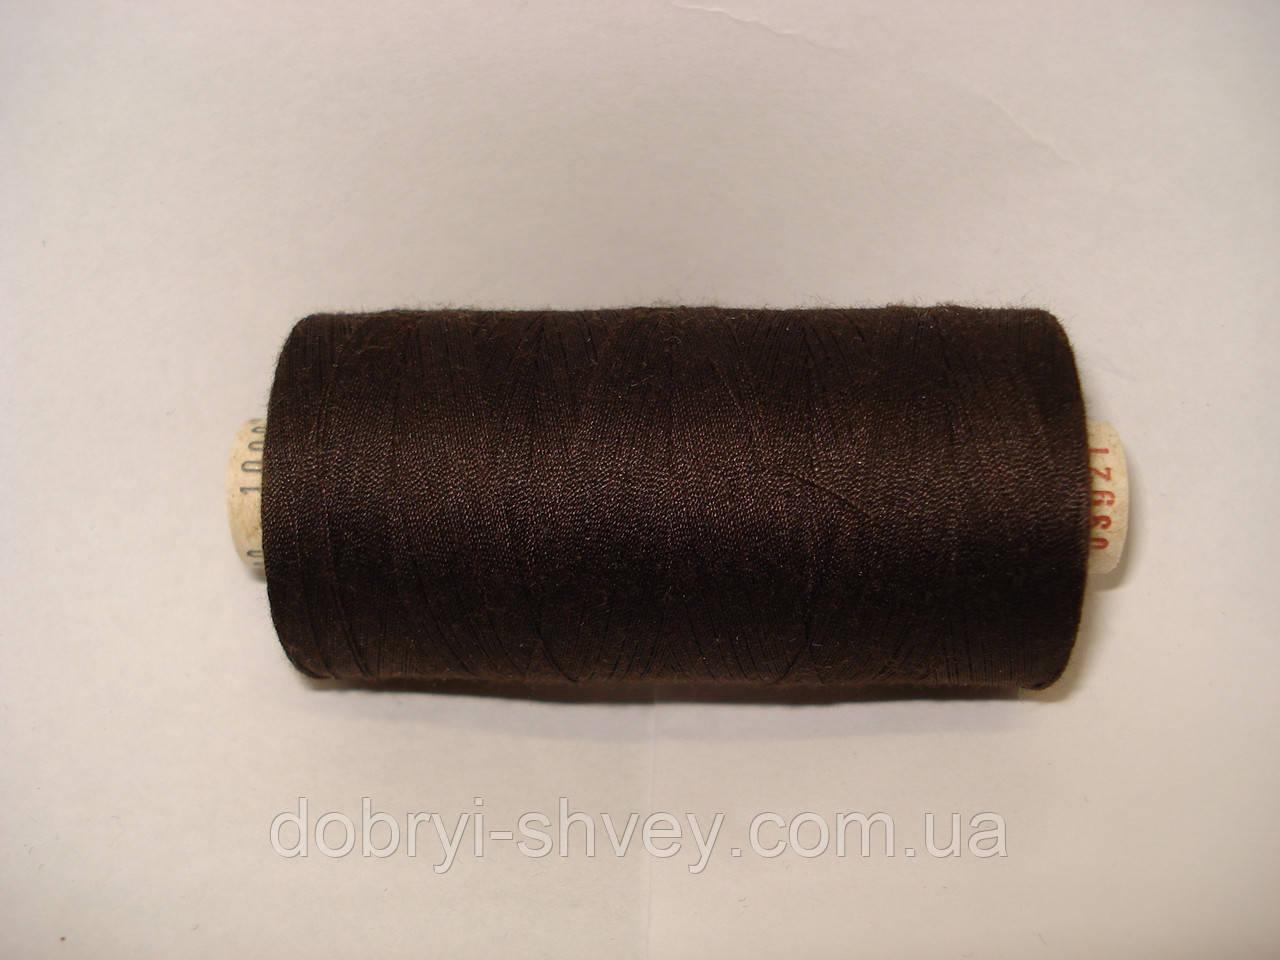 Нитка ALTERFIL №120 1000м.col 03921 коричневый